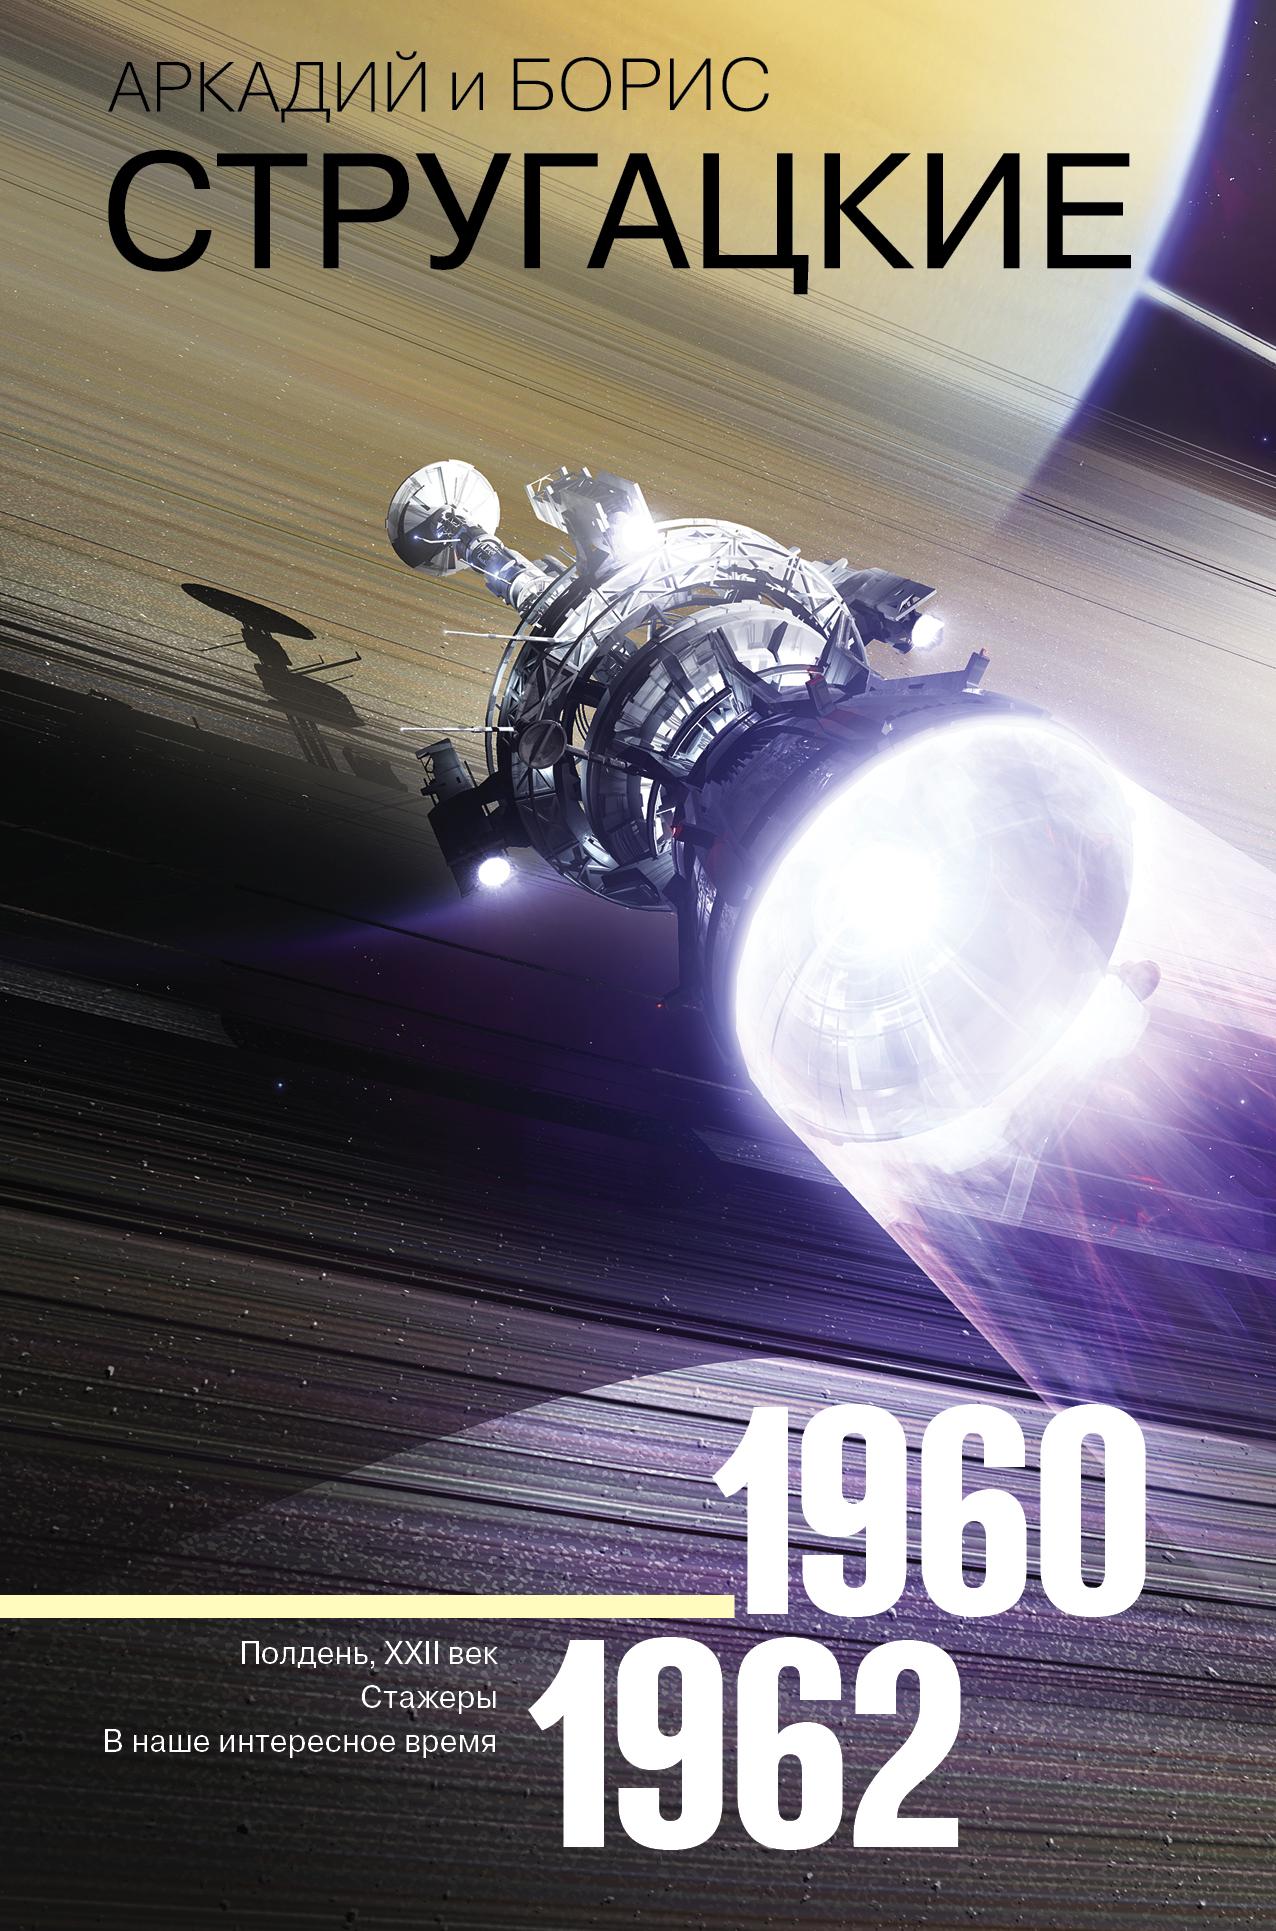 Стругацкий Аркадий Натанович, Стругацкий Борис Натанович Собрание сочинений 1960-1962